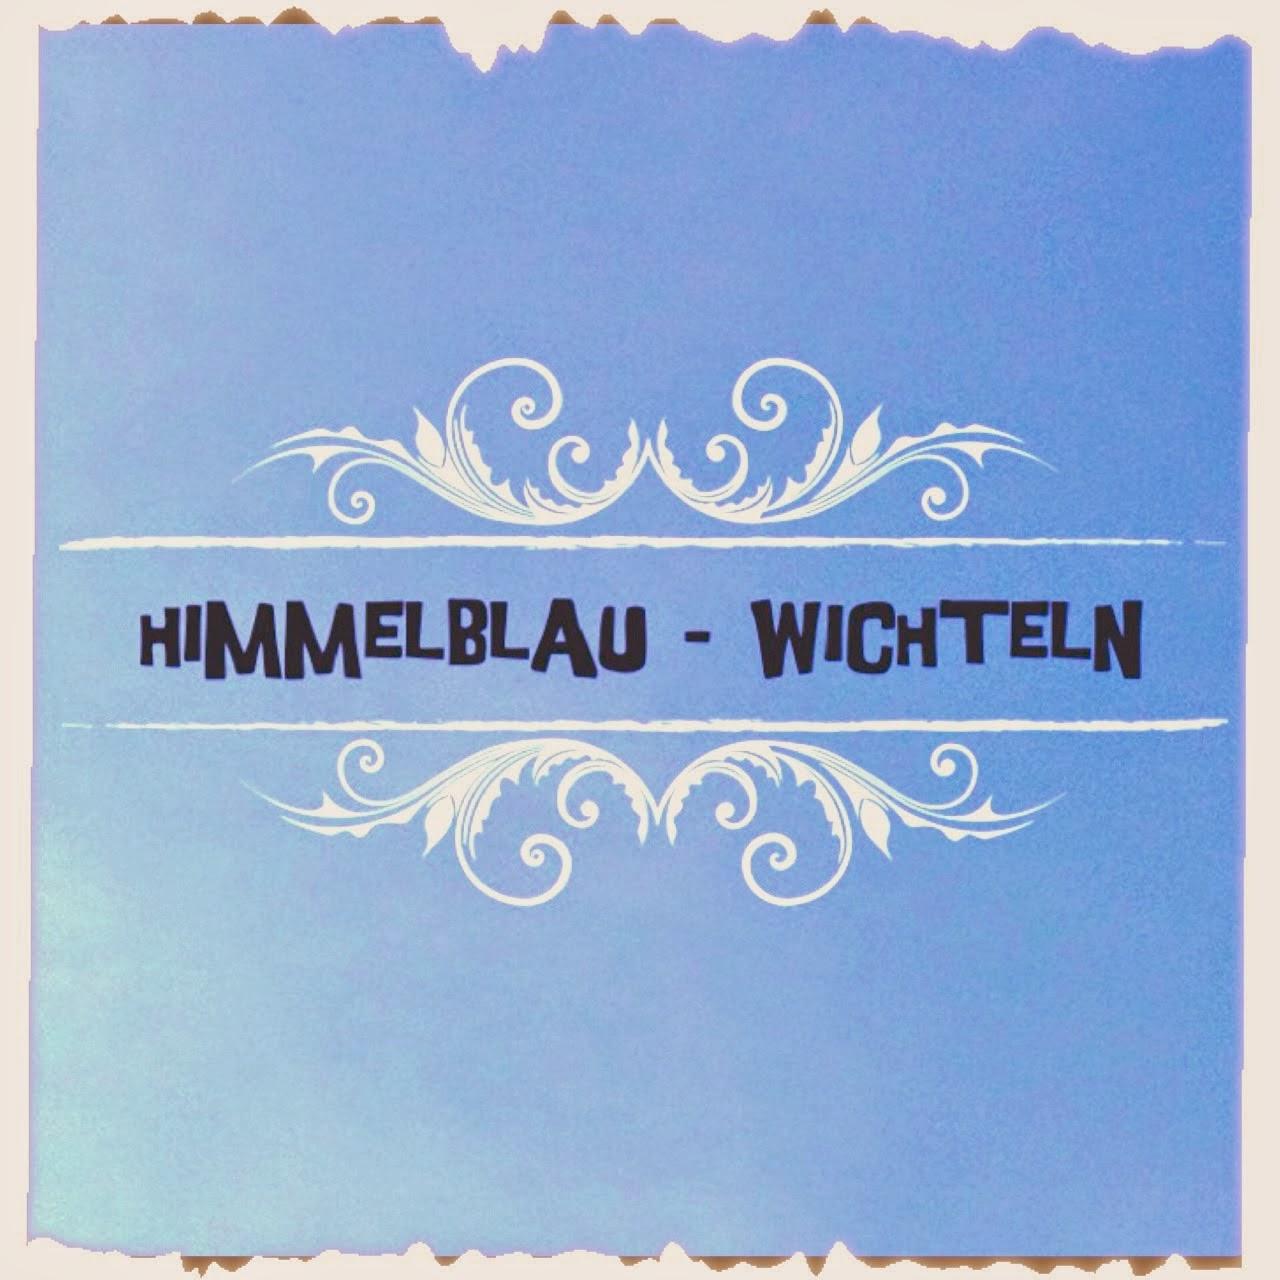 Mein Himmelblau-Wichteln